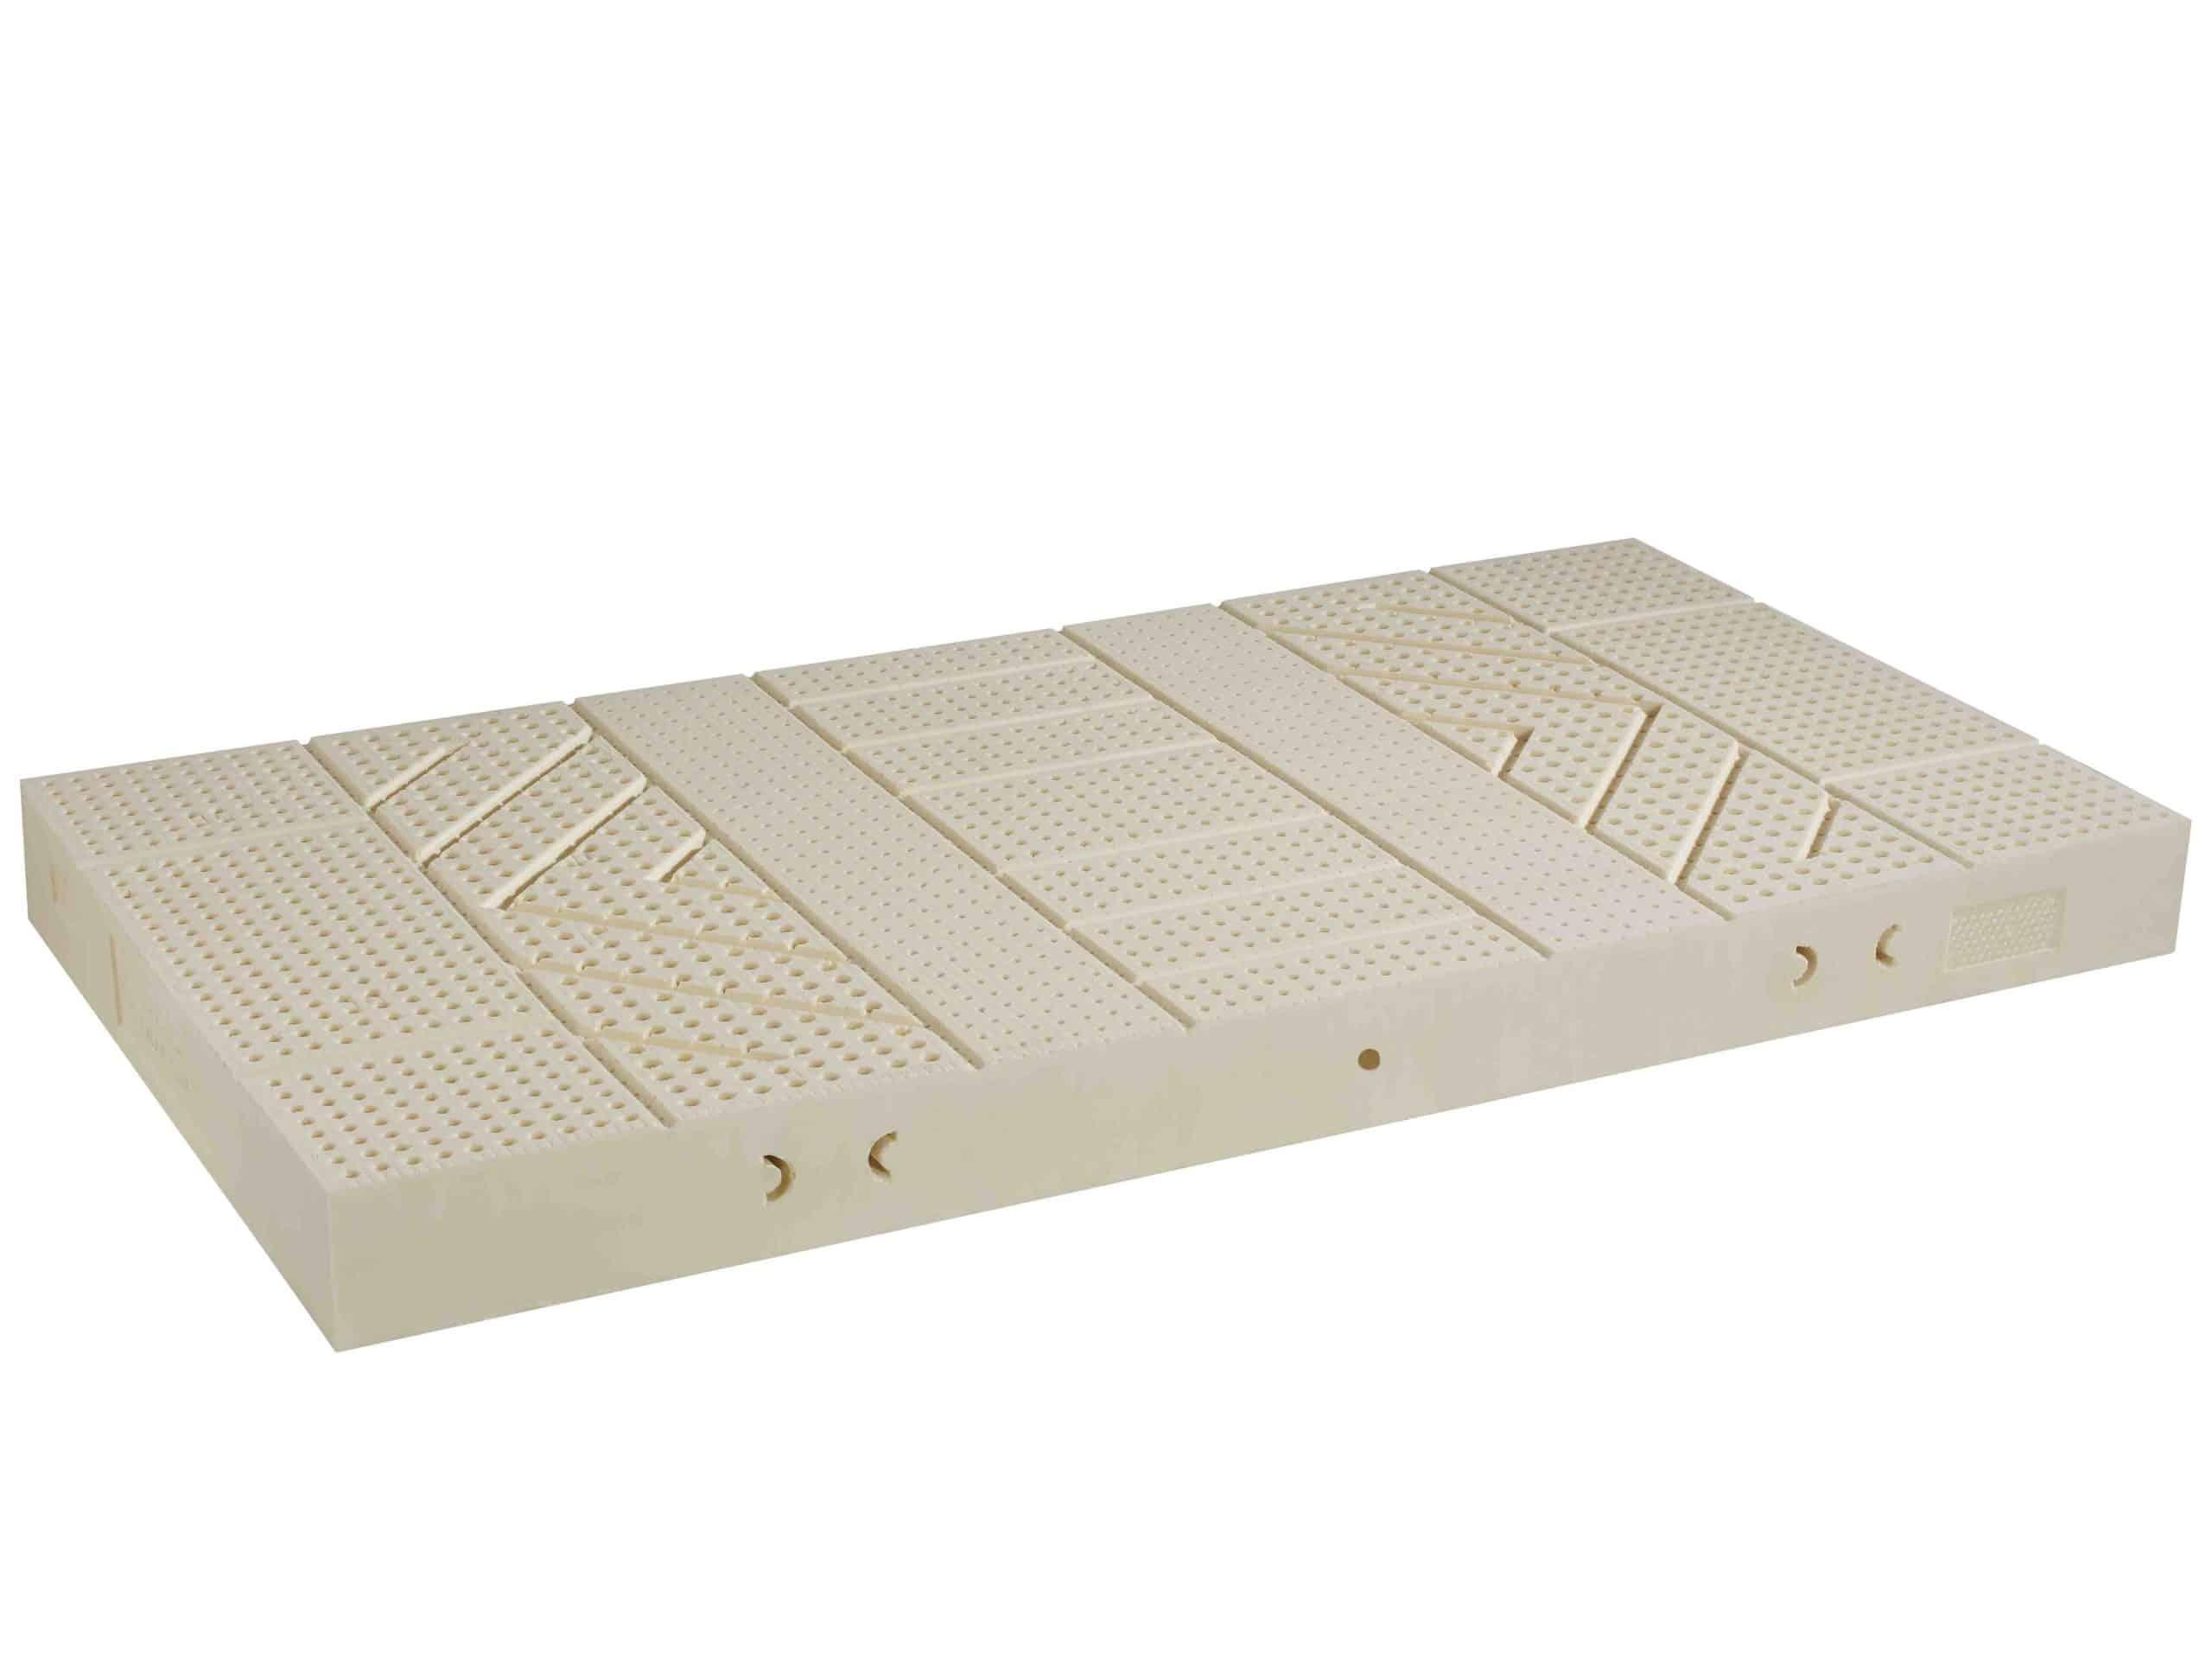 Sieben-Zonen-Matratze aus Naturlatex für ideale Körperanpassung von Betten Impulse in Bad Aibling